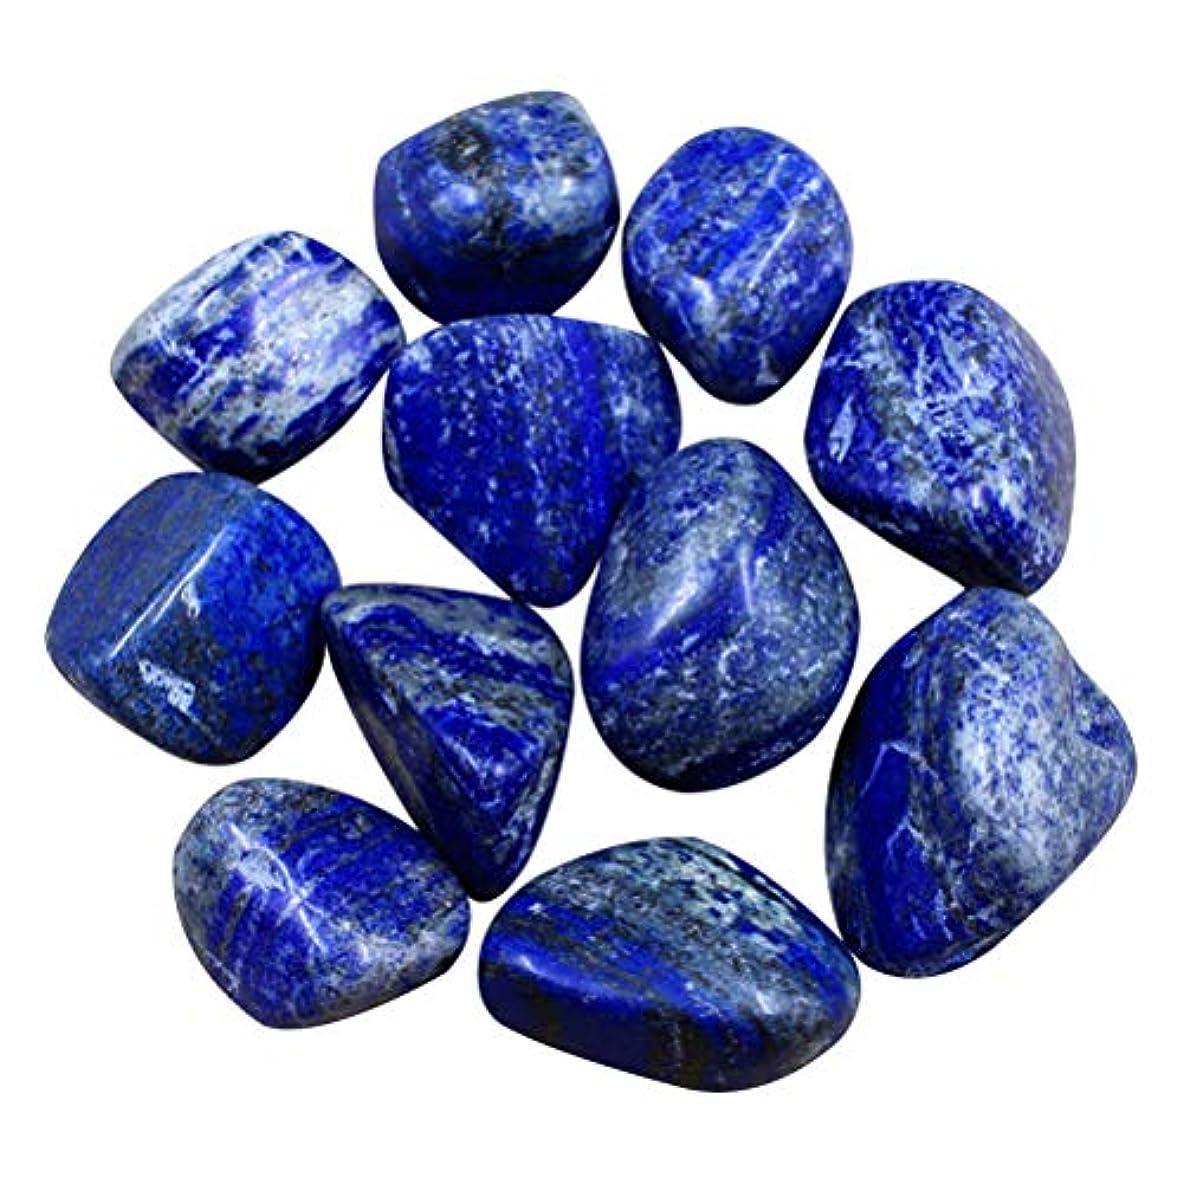 亡命敷居地上のSUPVOX 10個の天然石石落ち石の癒しReikiクリスタルジュエリー自然の岩ホームデコレーション花瓶植物を作る